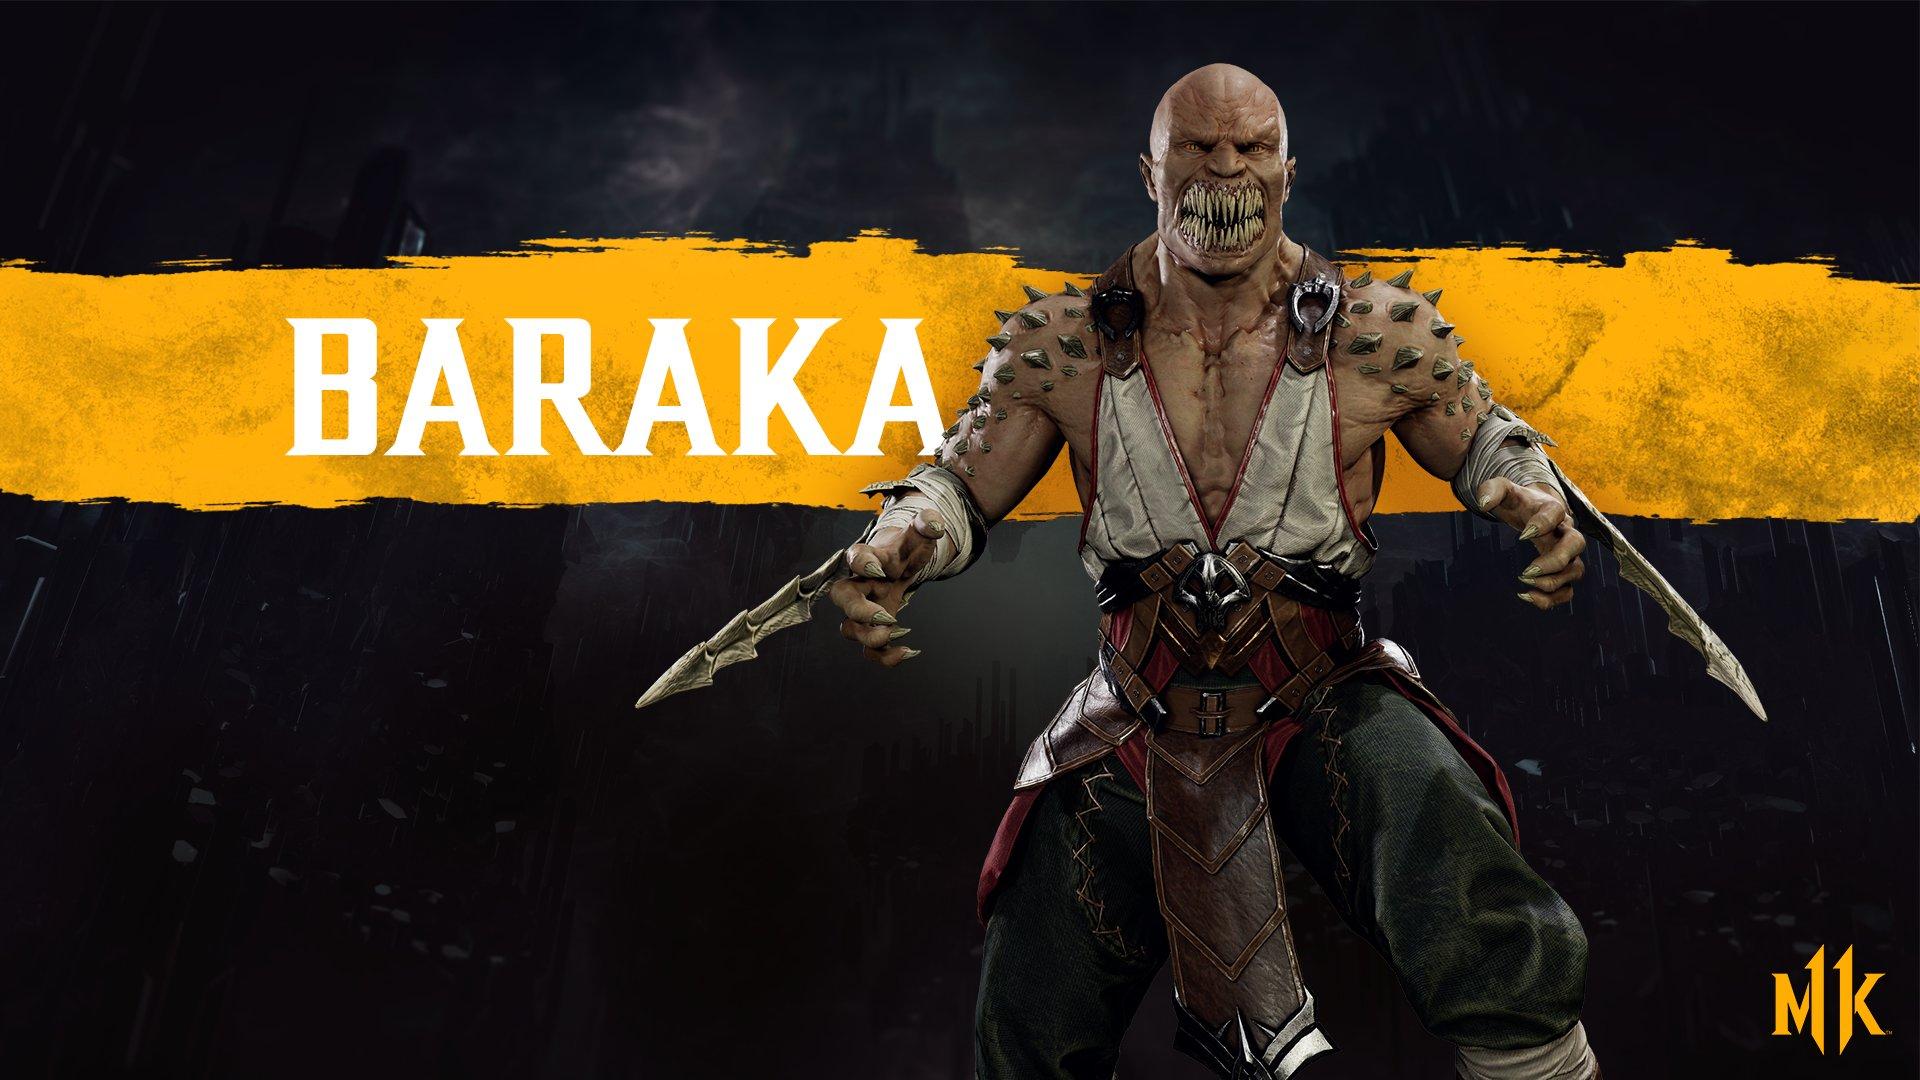 Барака - Mortal Kombat 11